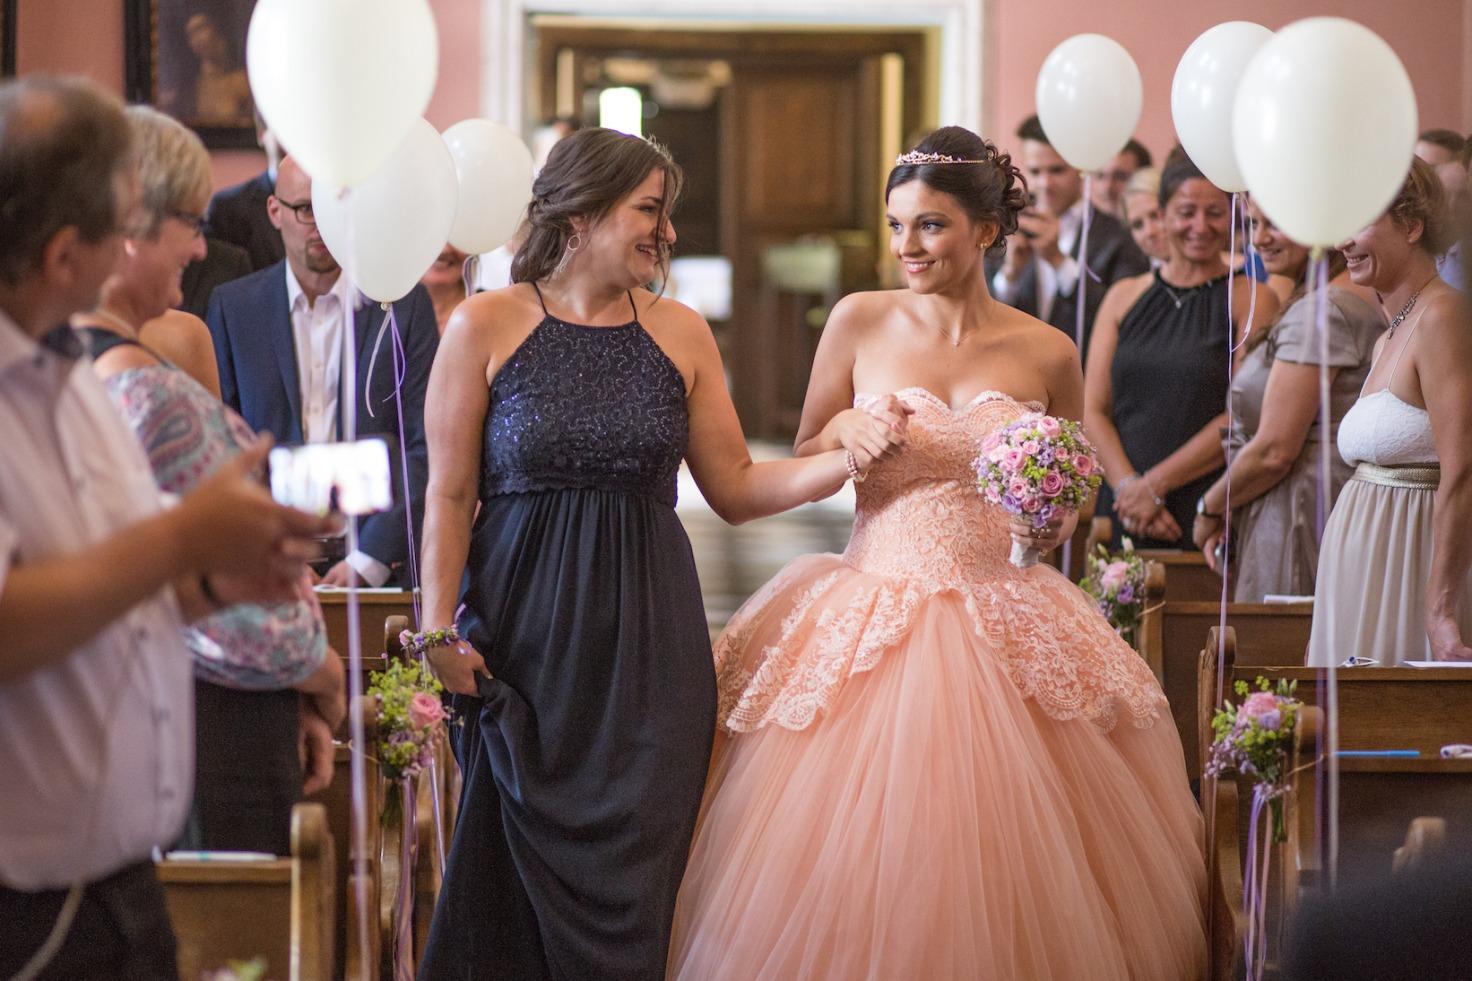 Hochzeit von Tine und Phillip in Münster: Braut wird von ihrer Freundin zum Altar geführt